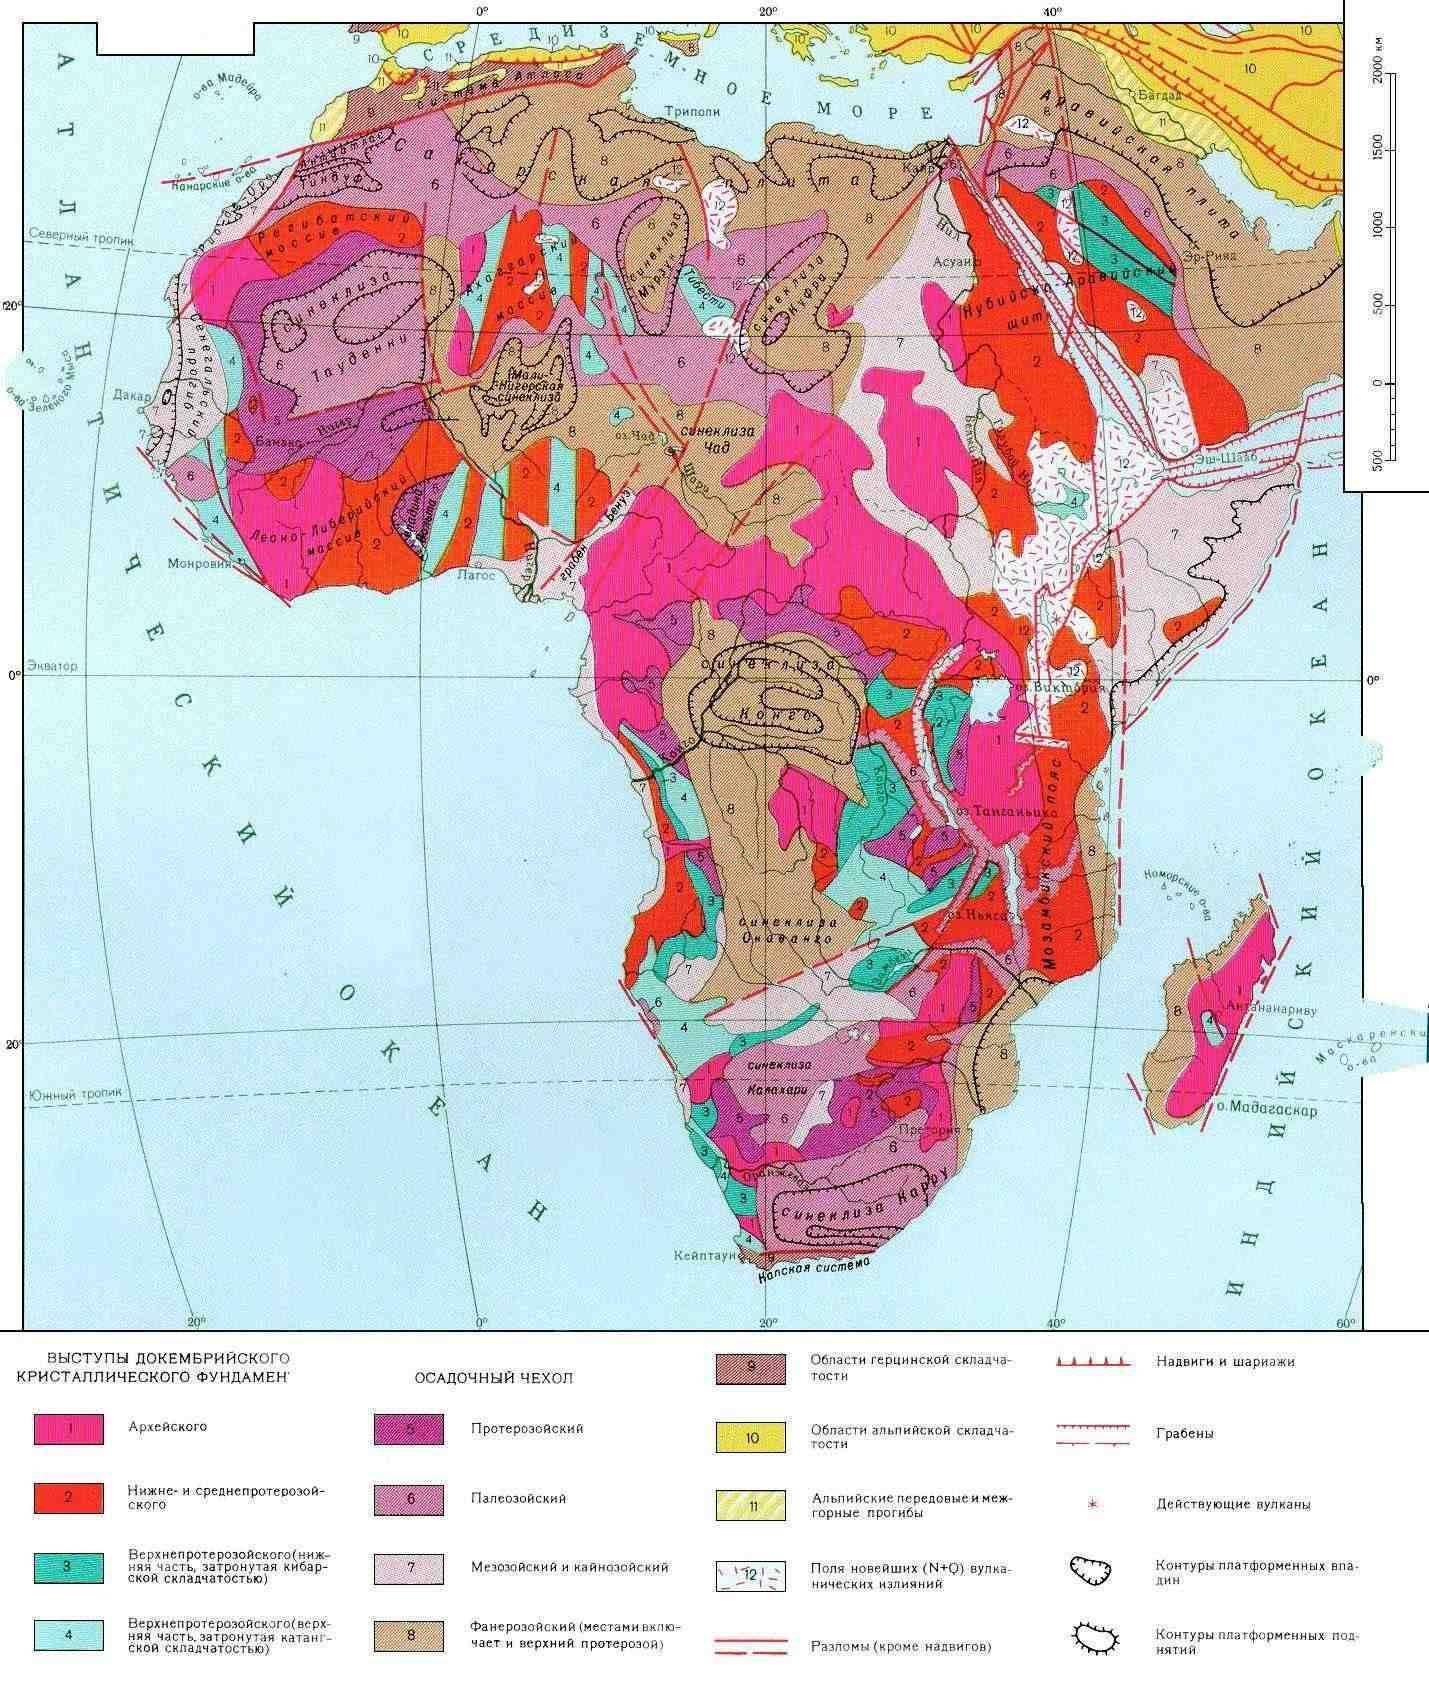 Африка: геологическая и тектоническая карта, статья БСЭ - iv_g: http://iv-g.livejournal.com/177387.html